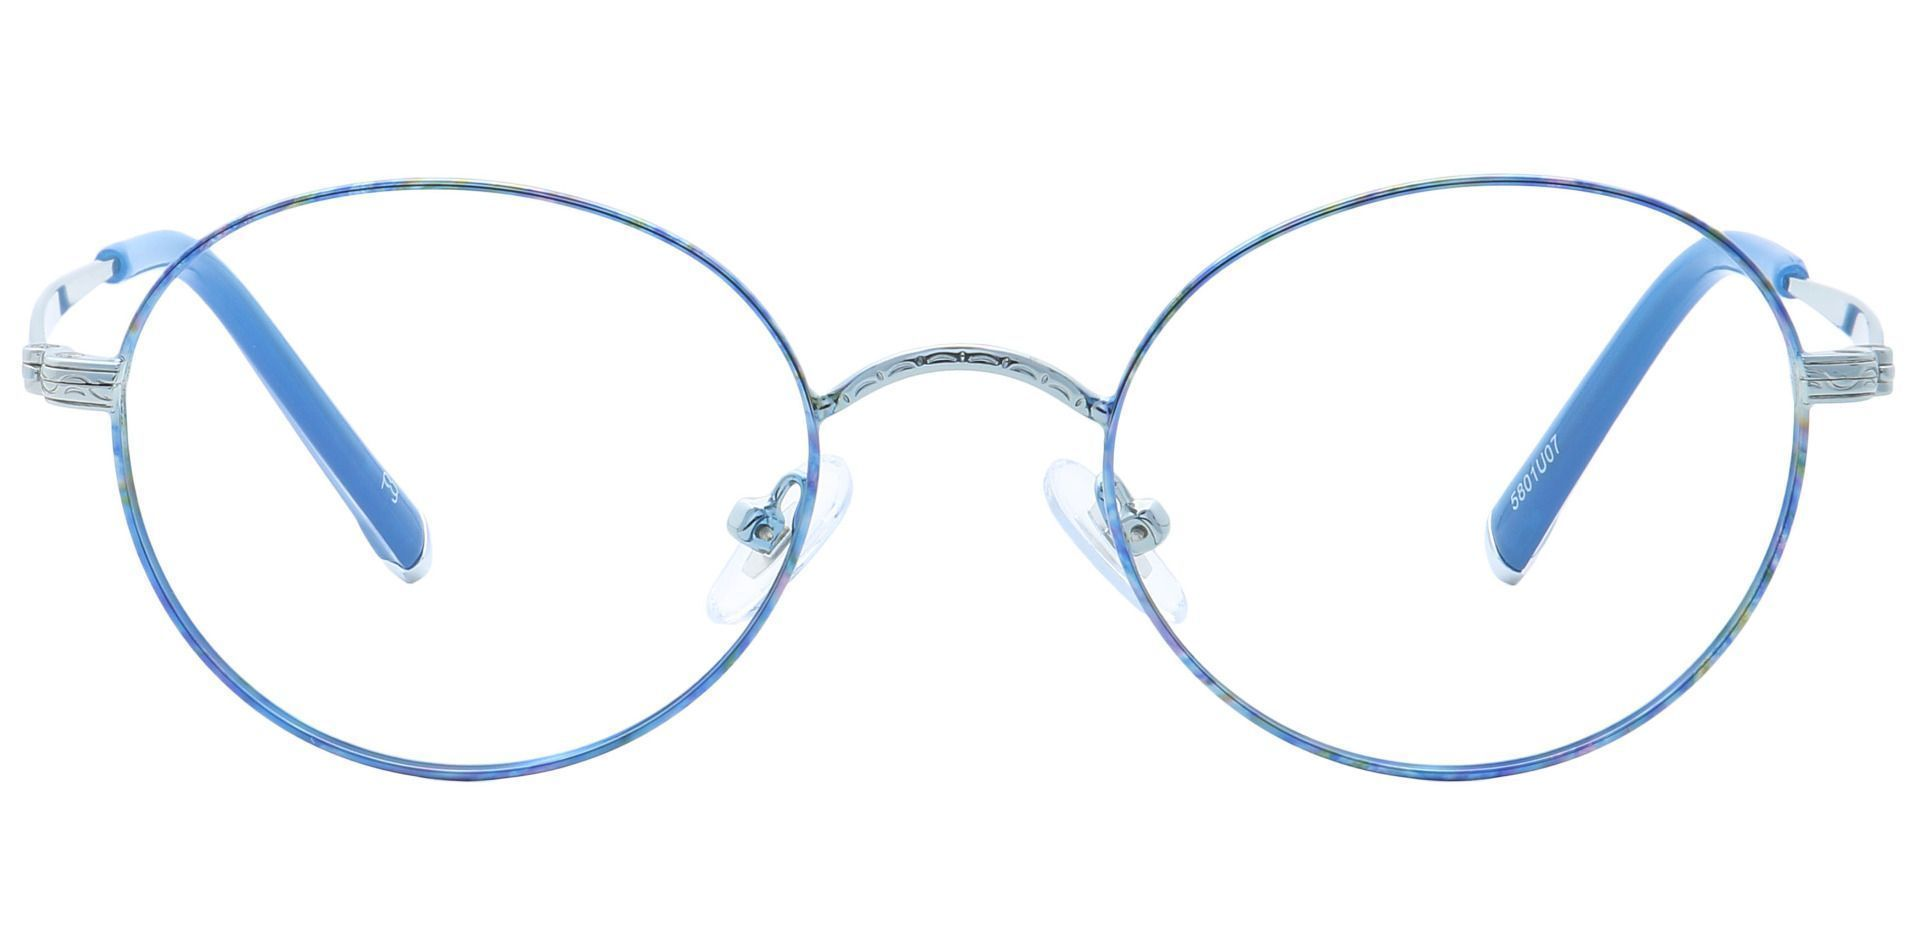 Skylar Round Eyeglasses Frame - Blue